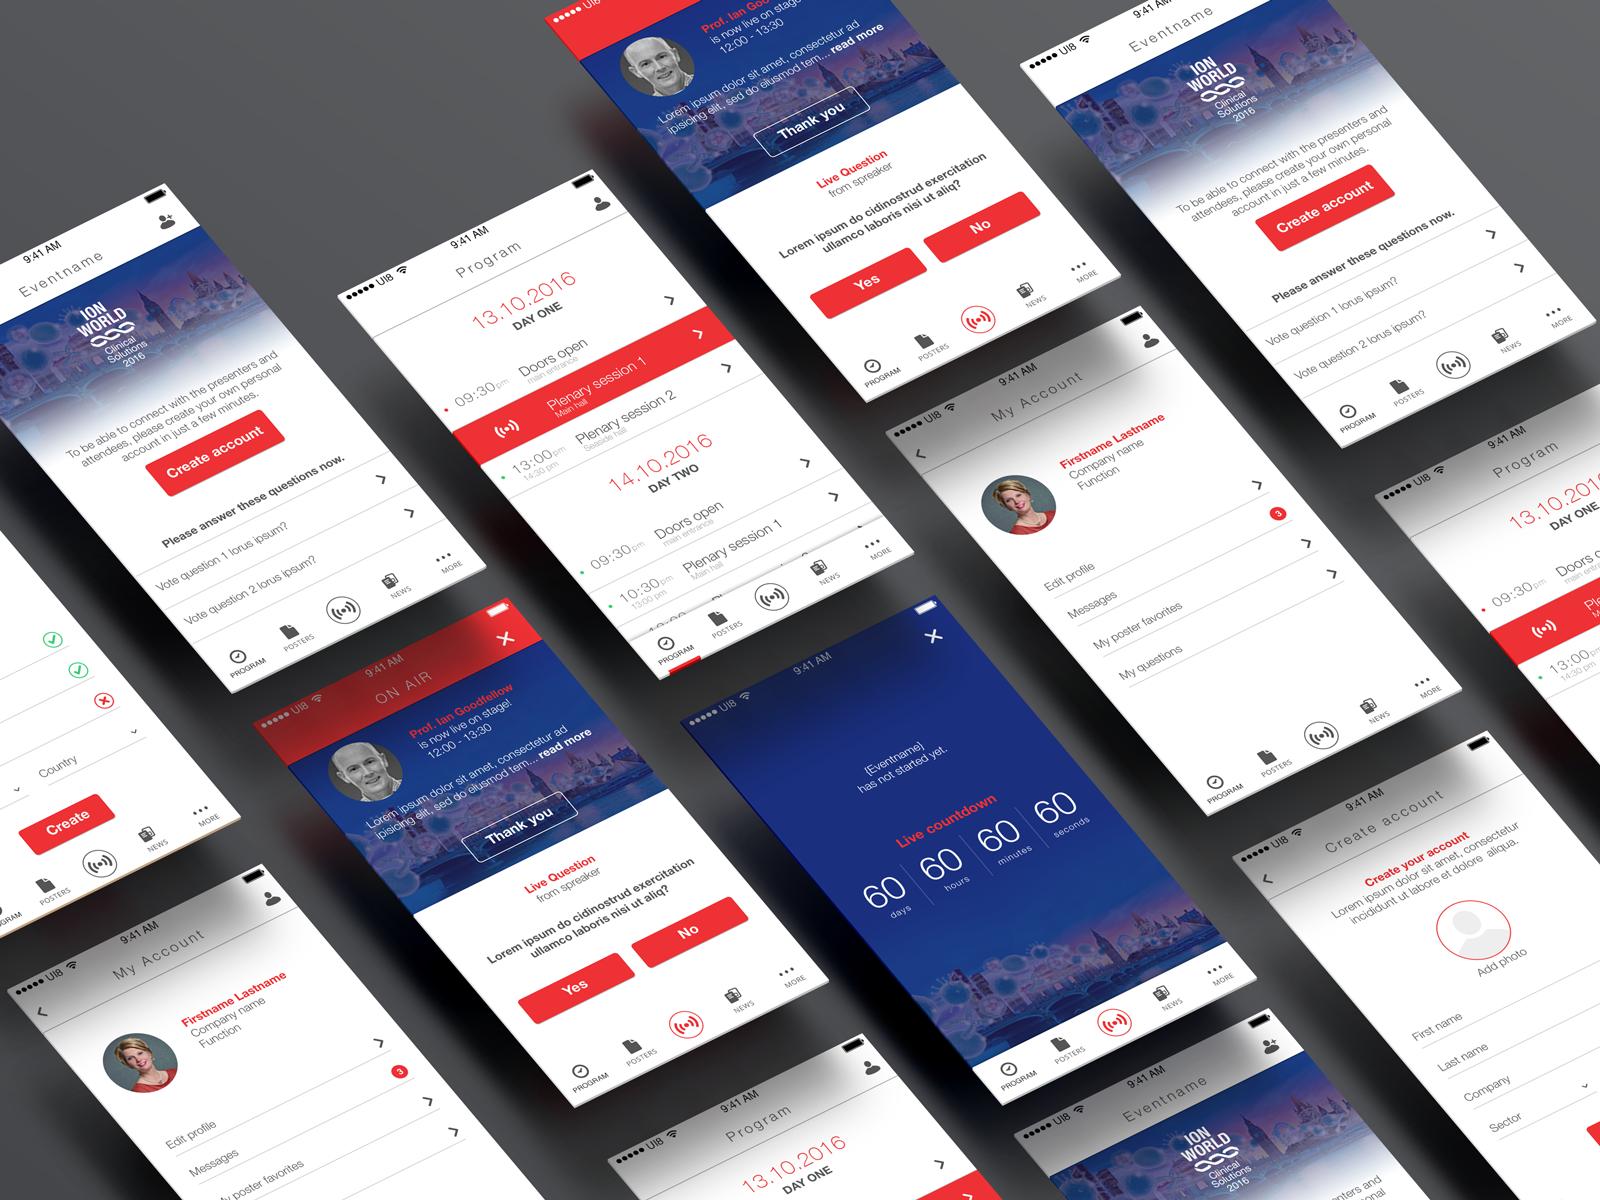 Perspective-App-Screens-Mock-Up-16